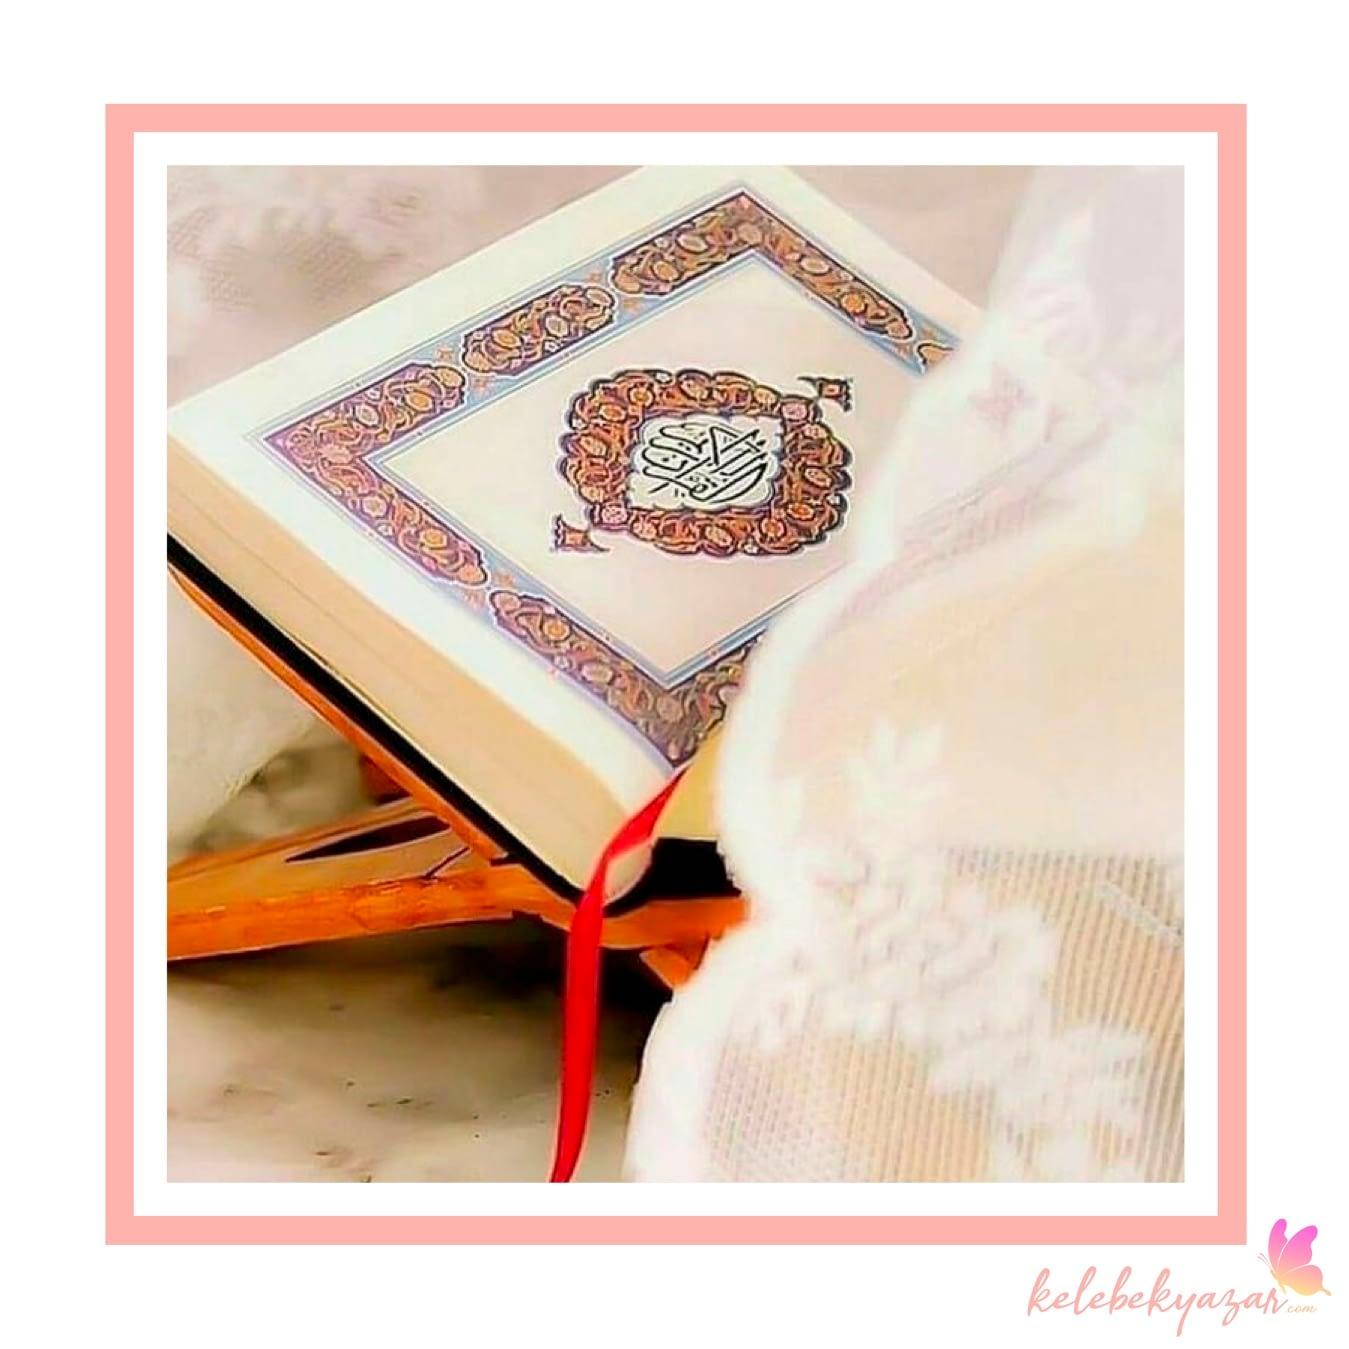 Yasin Suresi Okunuşu, Yasin Suresi Duası Arapça Oku – Yasin-i Şerif Türkçe Anlamı, Meali Ve Faziletleri